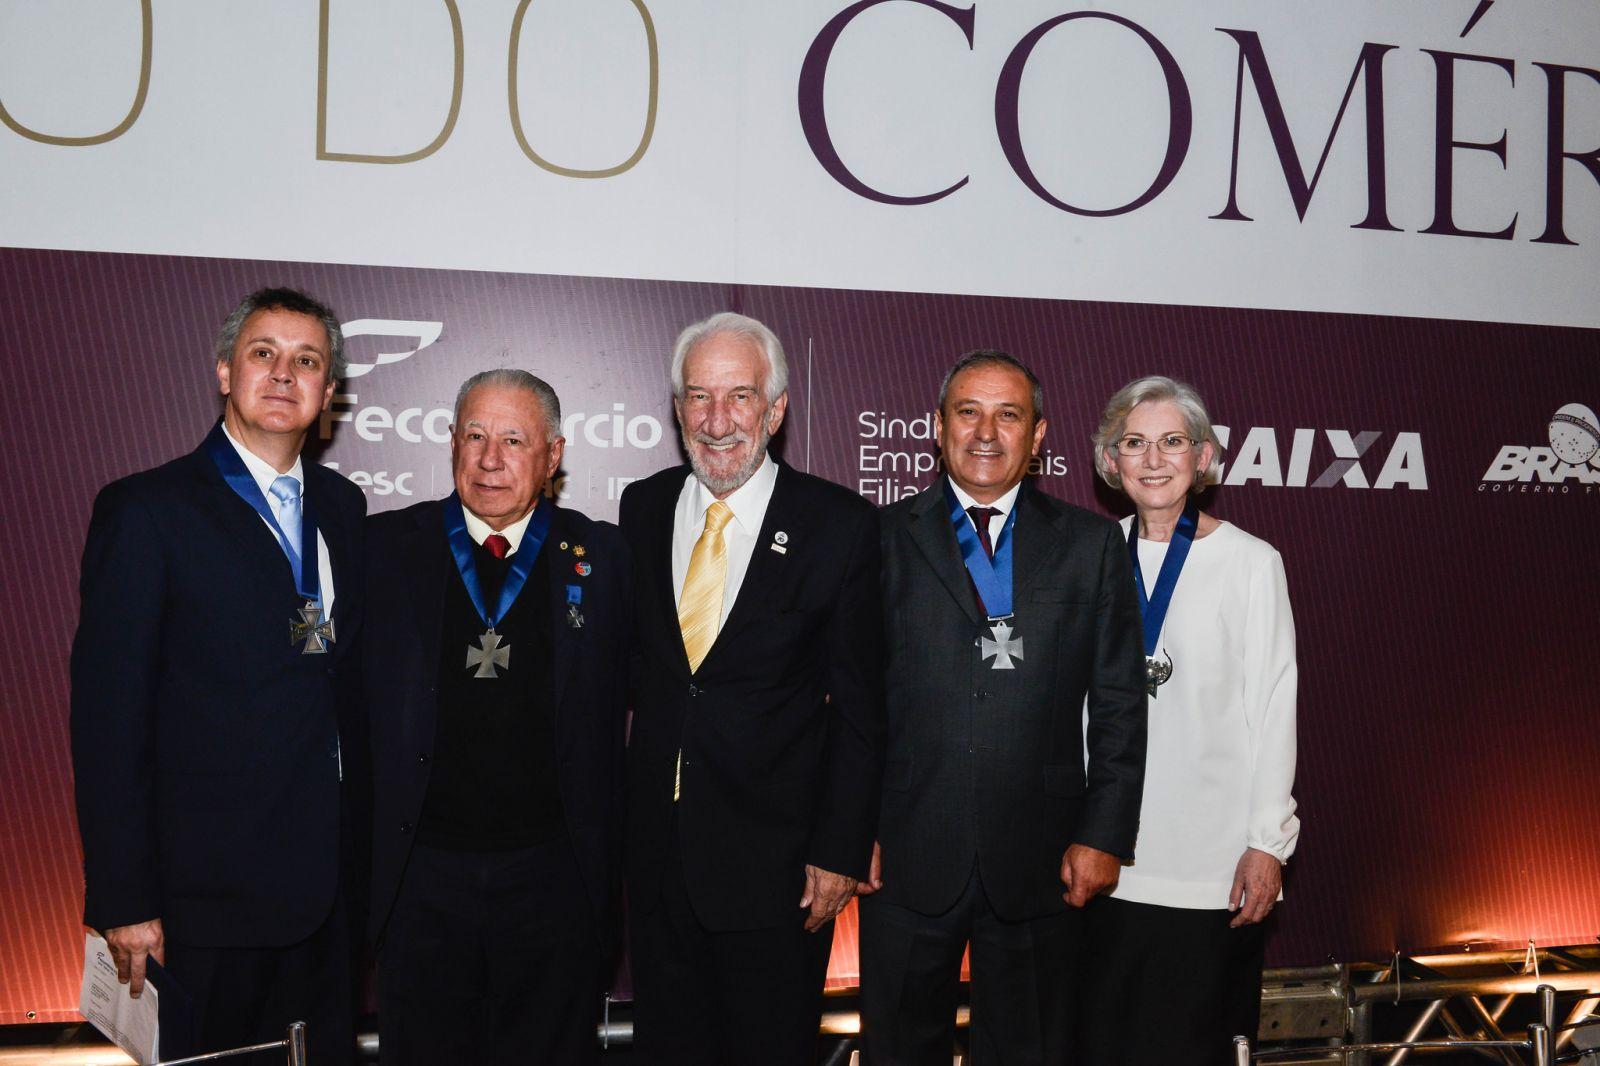 dc1300852 Os novos comendadores do comércio, acompanhados do presidente da Fecomércio  PR, Darci Piana (ao centro): o desembargador federal João Pedro Gebran  Neto; ...